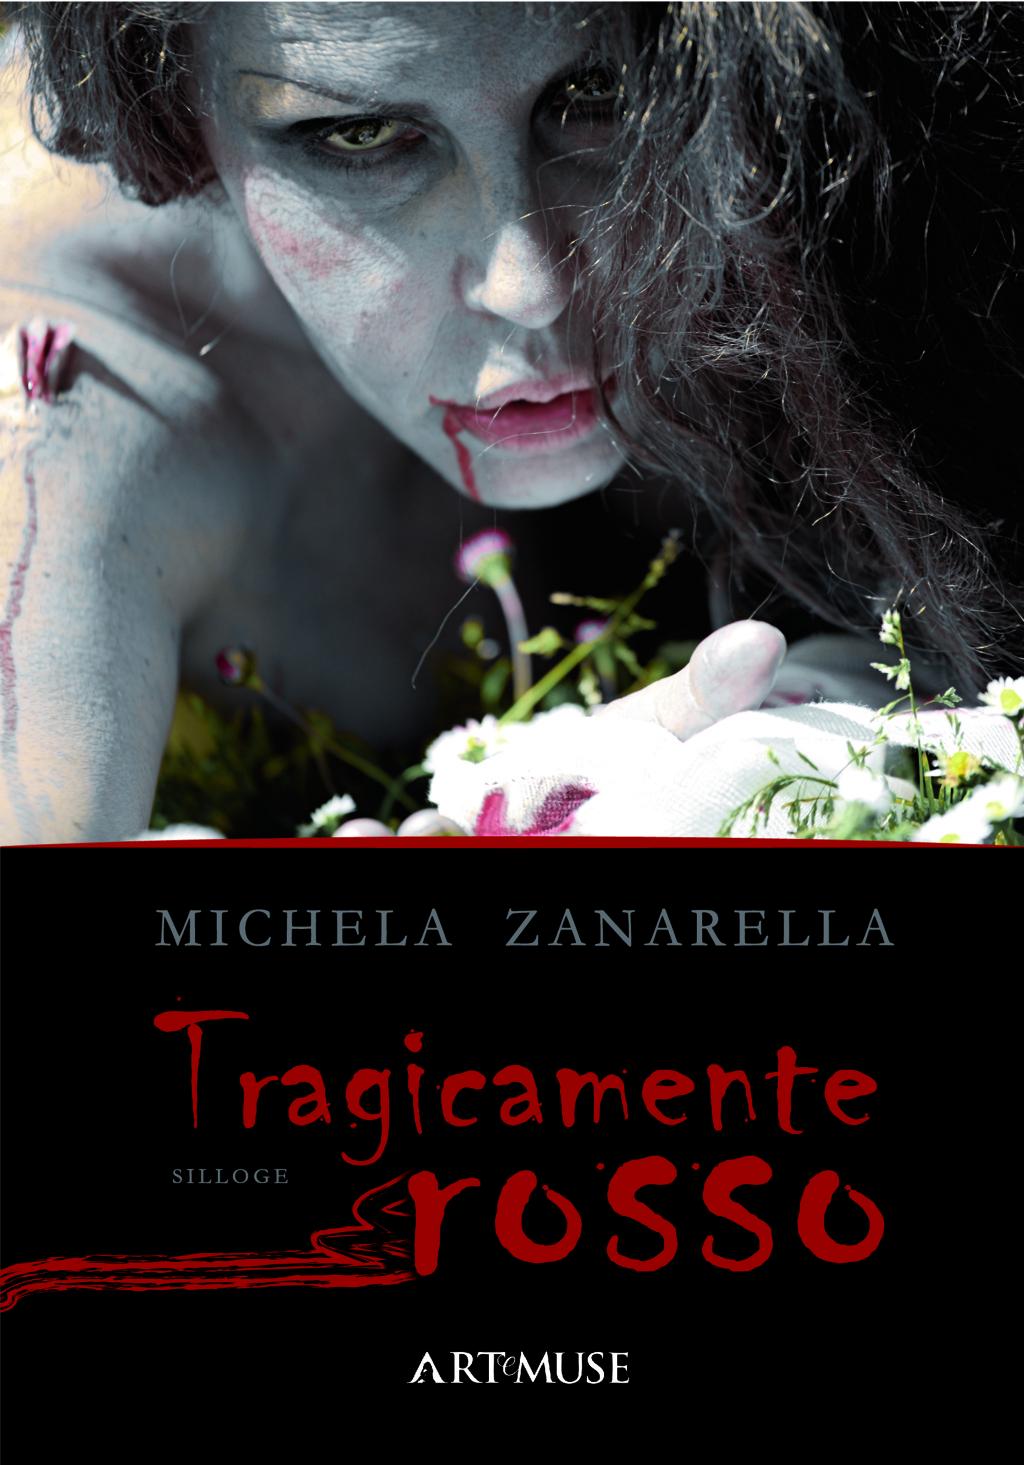 FRONTE-Tragicamente-rosso_Zanarella-Michela-01-FILEminimizer